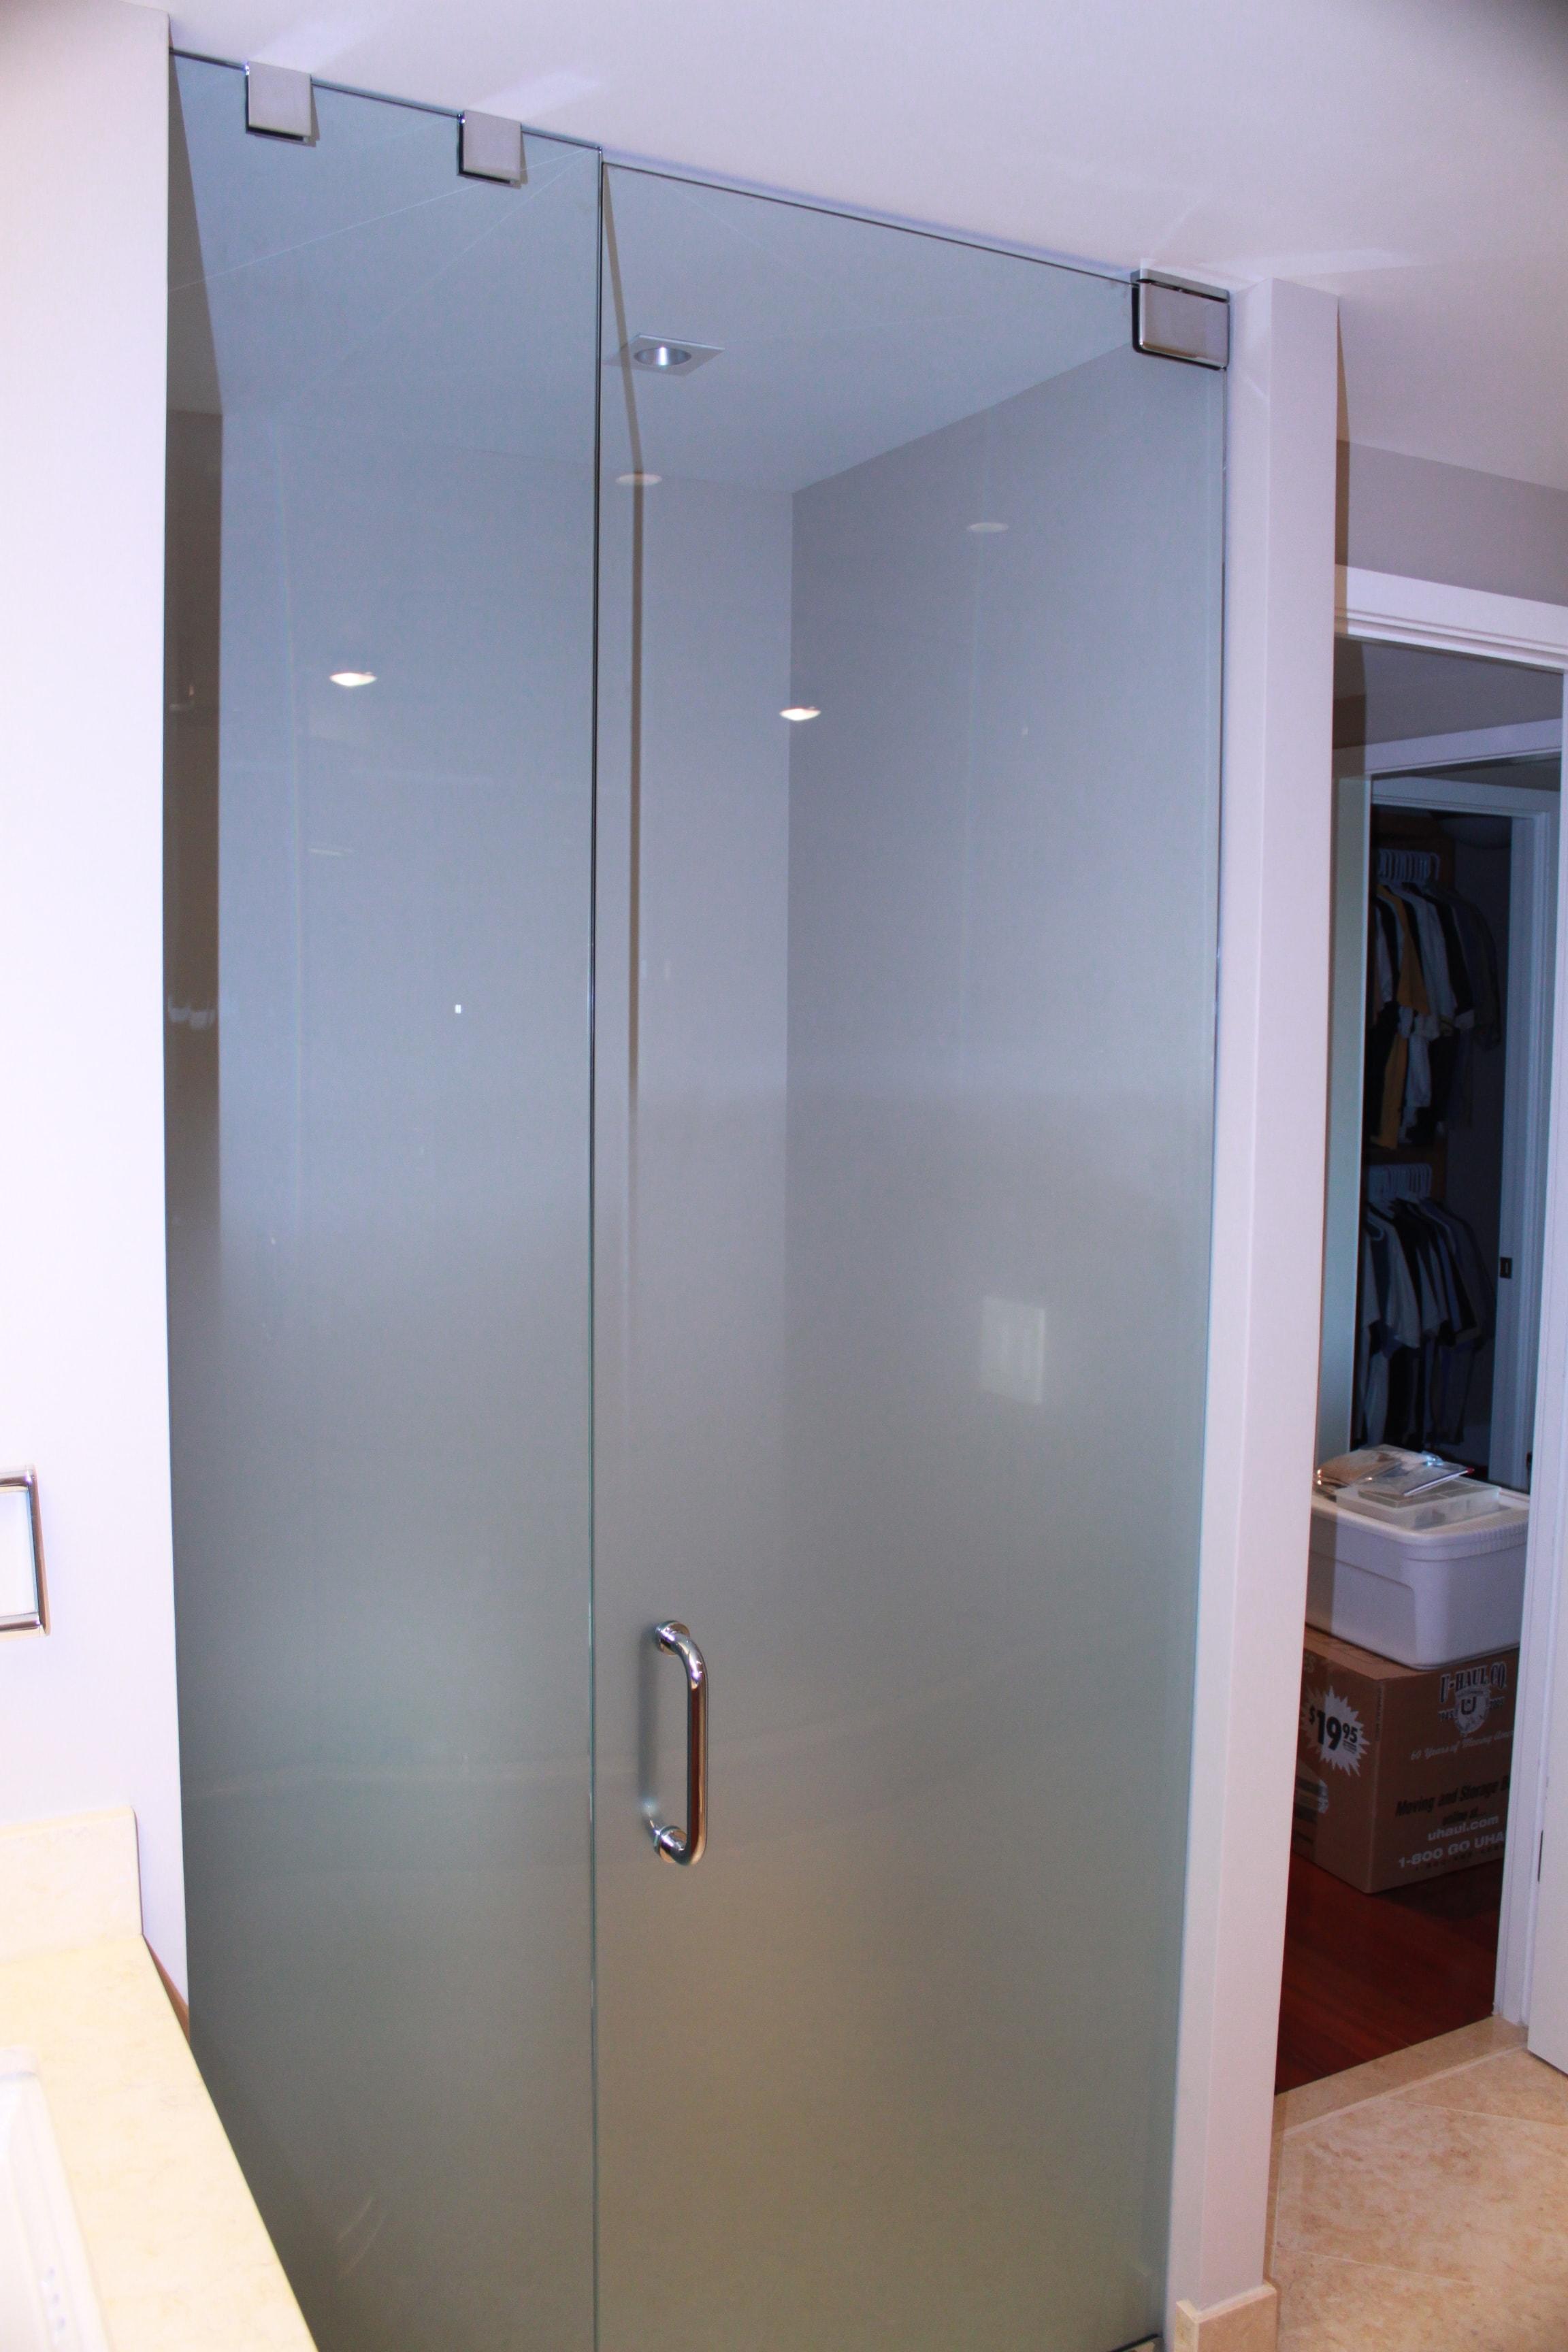 Toilet Room Doors - Site Const-min